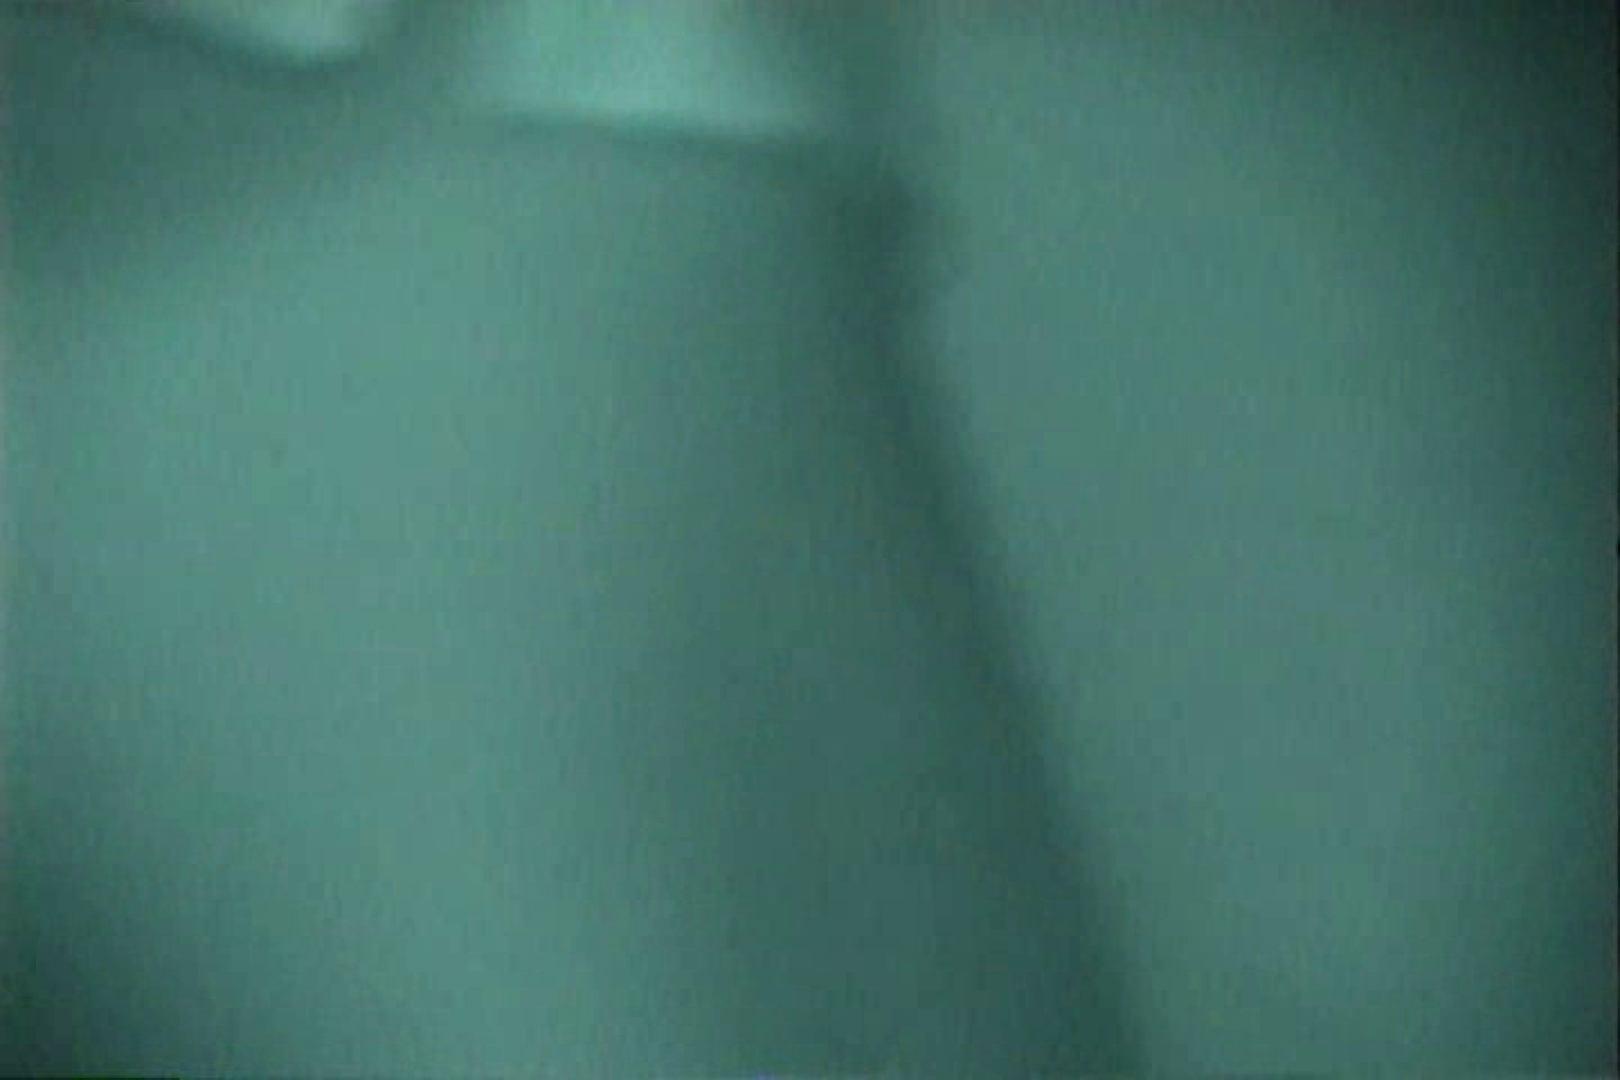 「充血監督」さんの深夜の運動会!! vol.127 ロリ | OLの実態  91pic 64